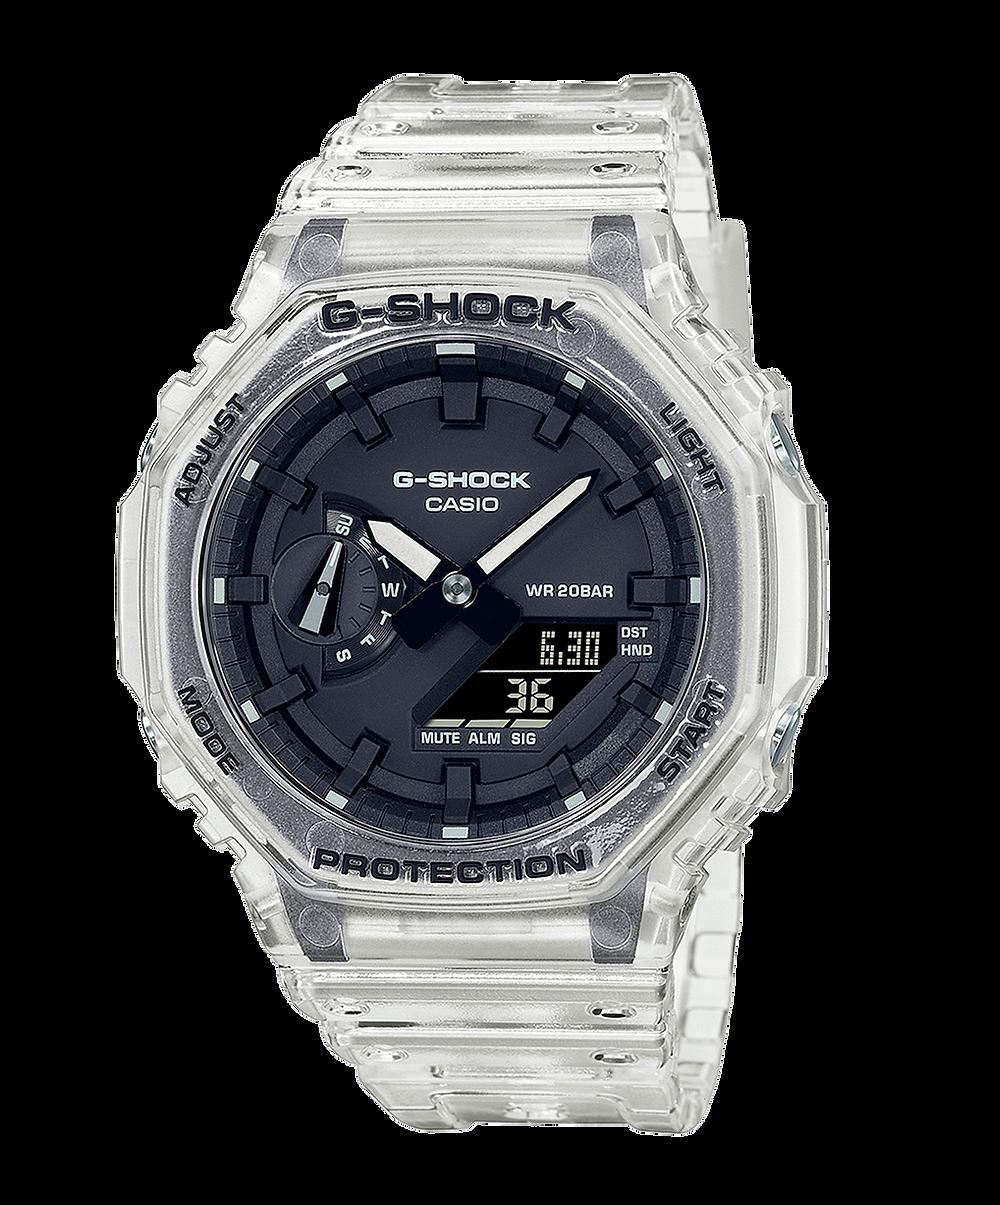 reloj de moda muy buscado GA-2100SKE-7AER de Casio G-Shock en 2021